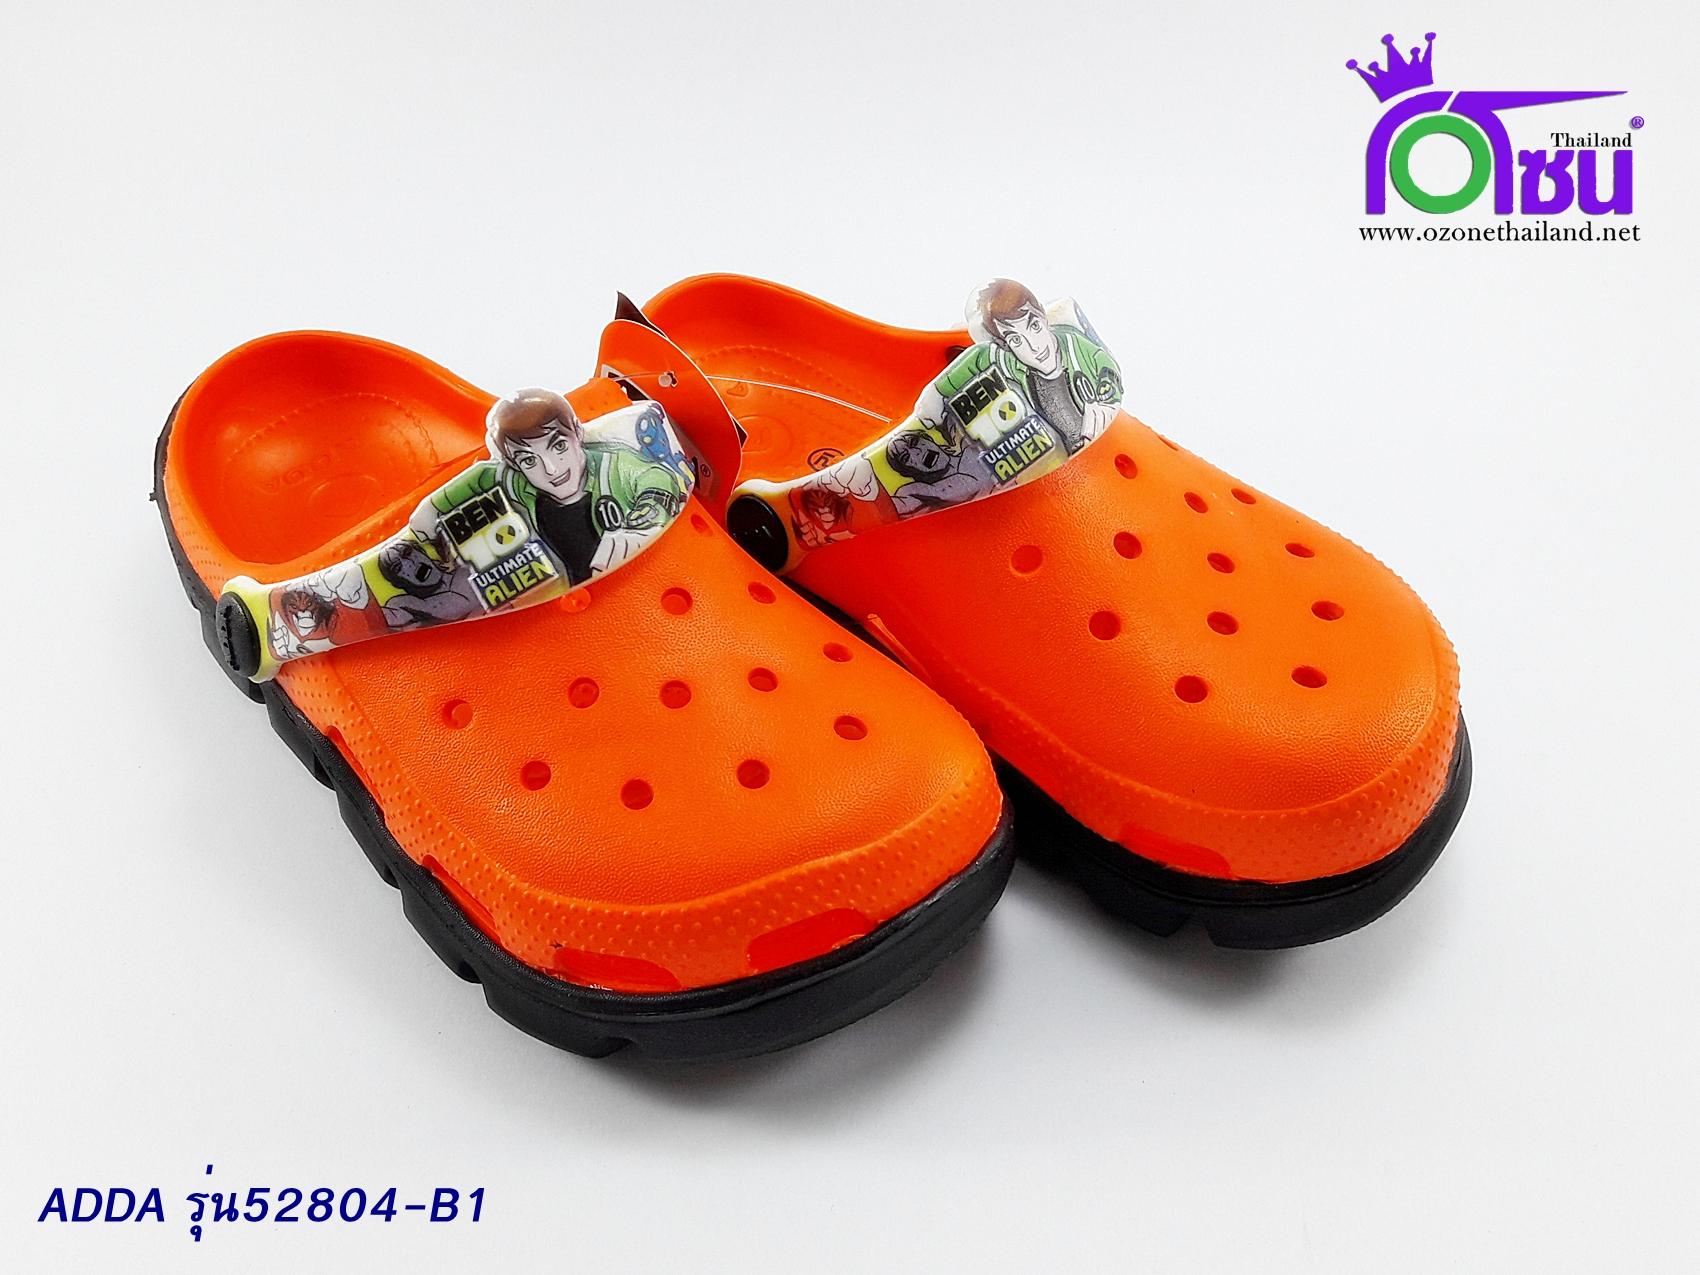 รองเท้า แอ๊ดด้า เด็ก ADDA รุ่น 52804-B1 สีส้ม เบอร์ 8-3